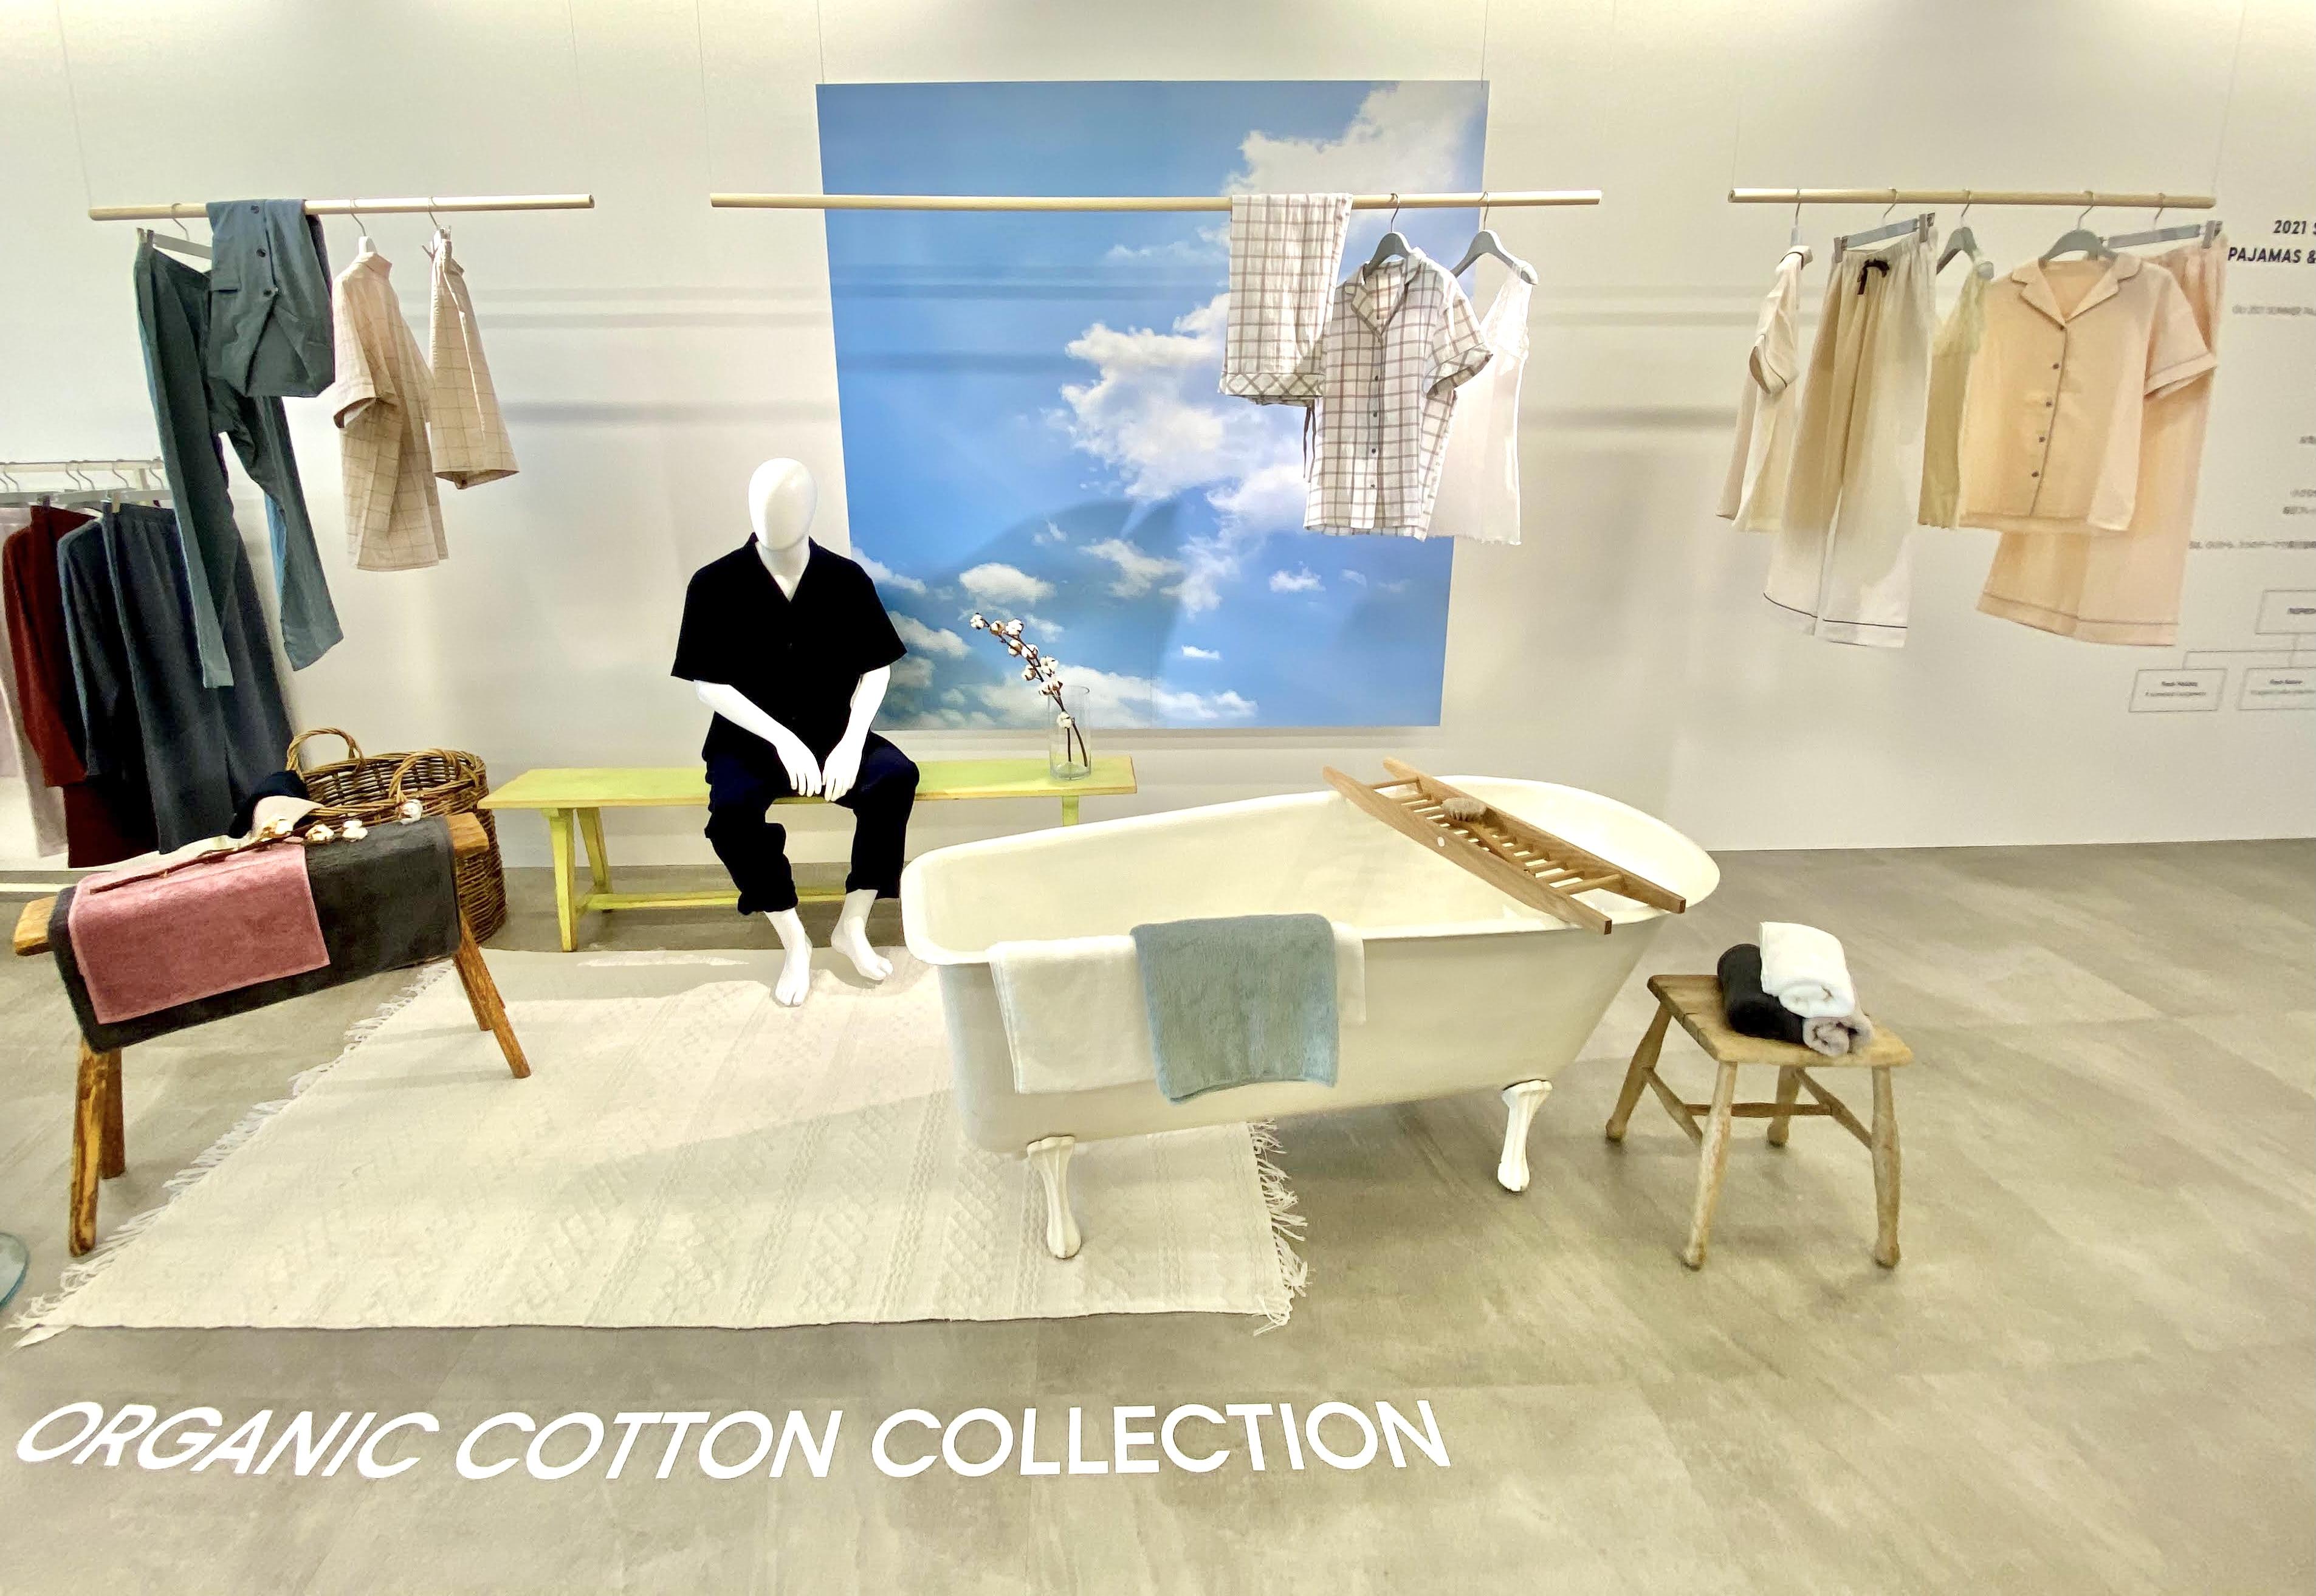 GUのパジャマ&ラウンジウェア「オーガニックコットンコレクション」